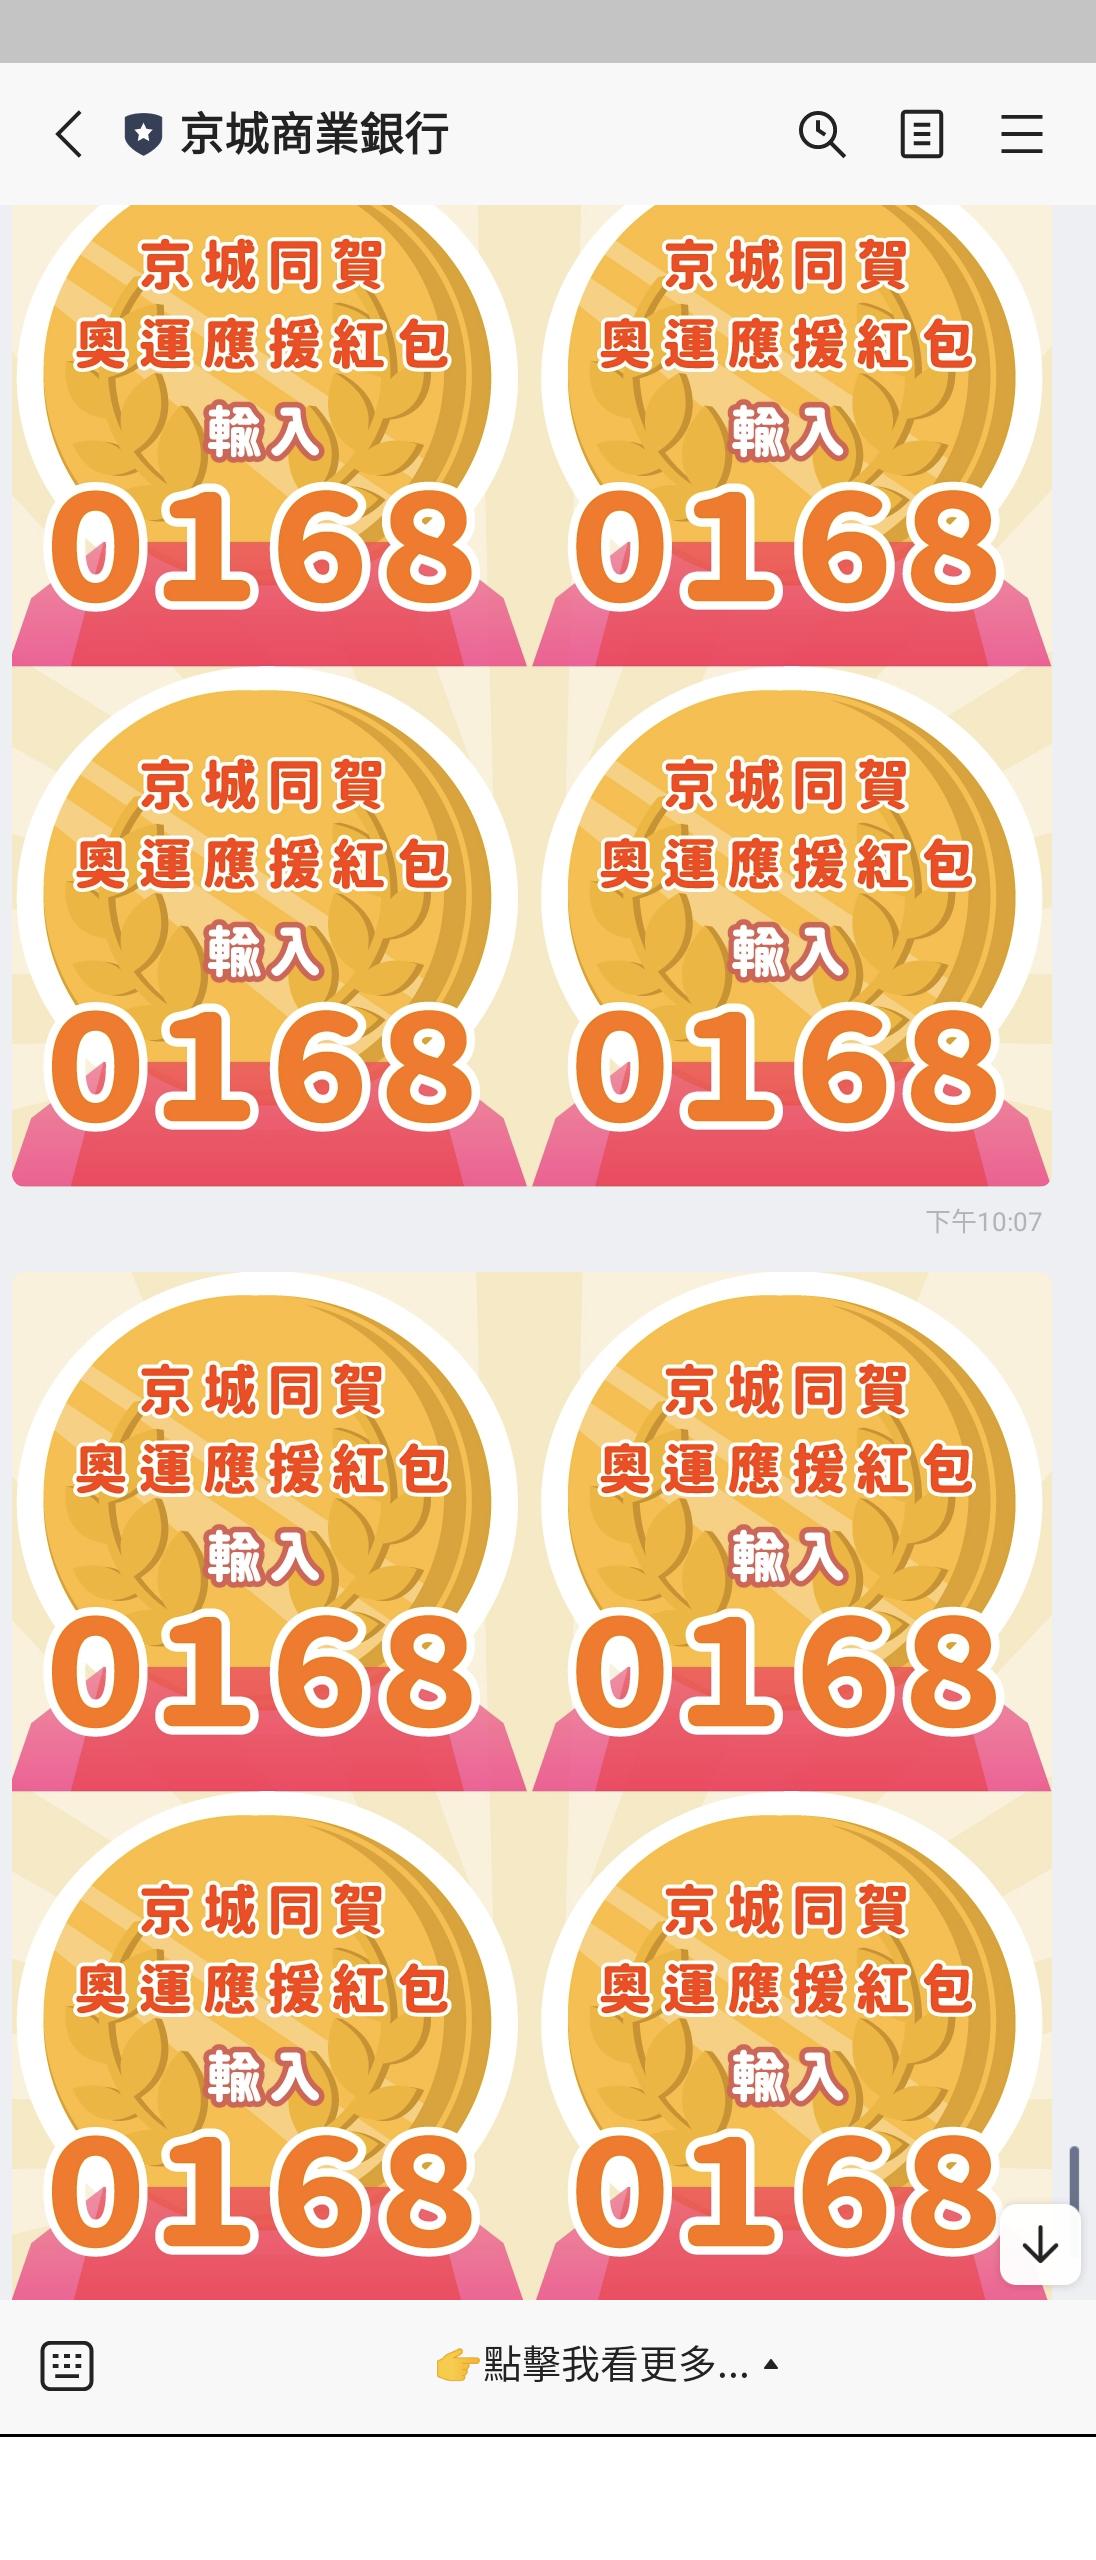 京城GOYEE數位帳戶 0.8優利怎麼拿 台幣階梯利率 168專案 2